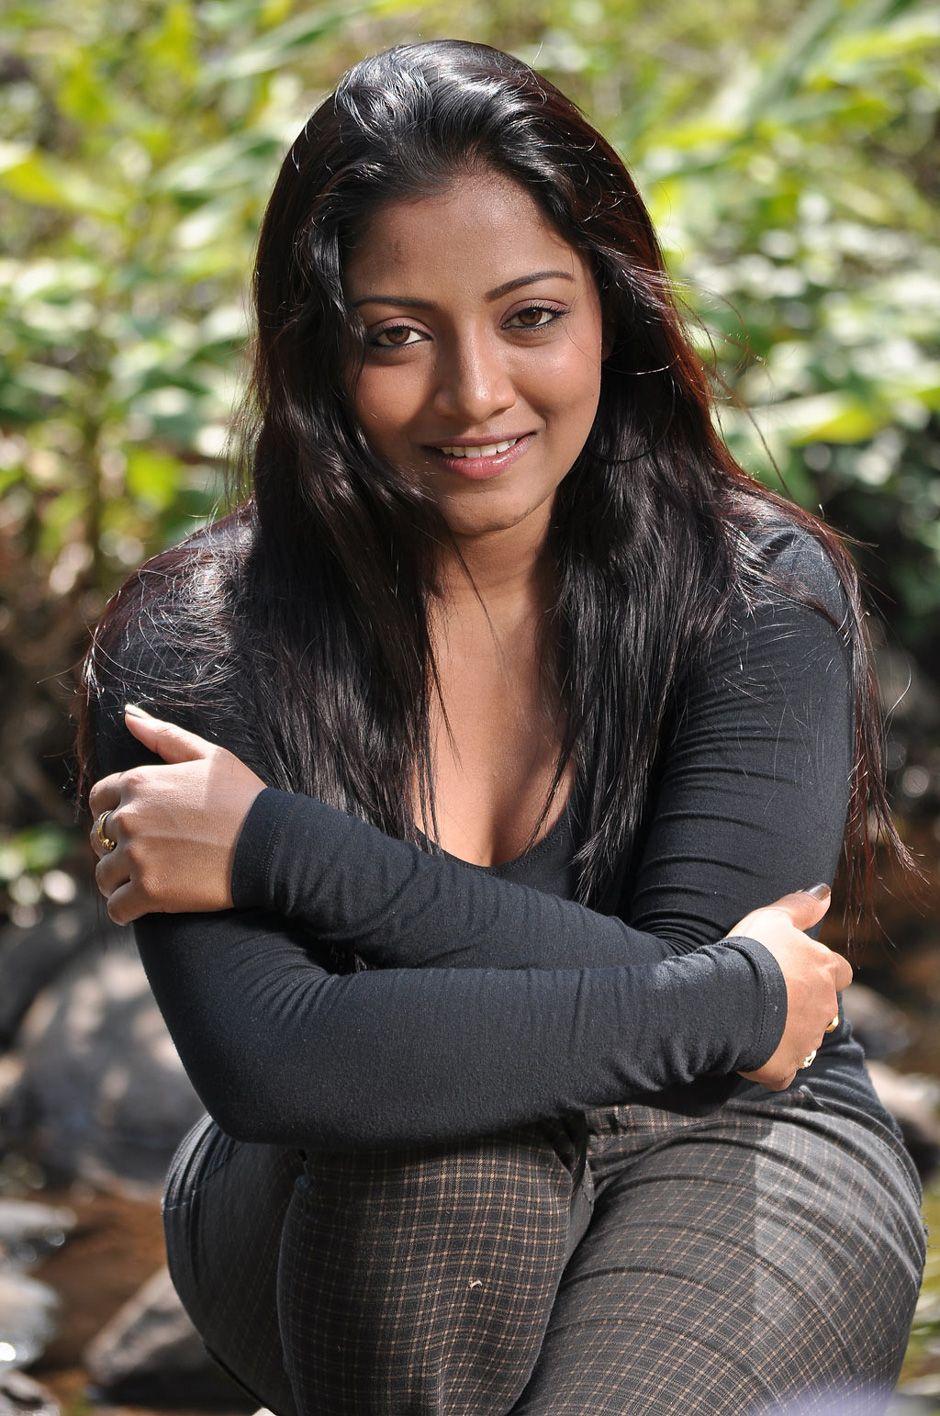 nude.com Fb actress